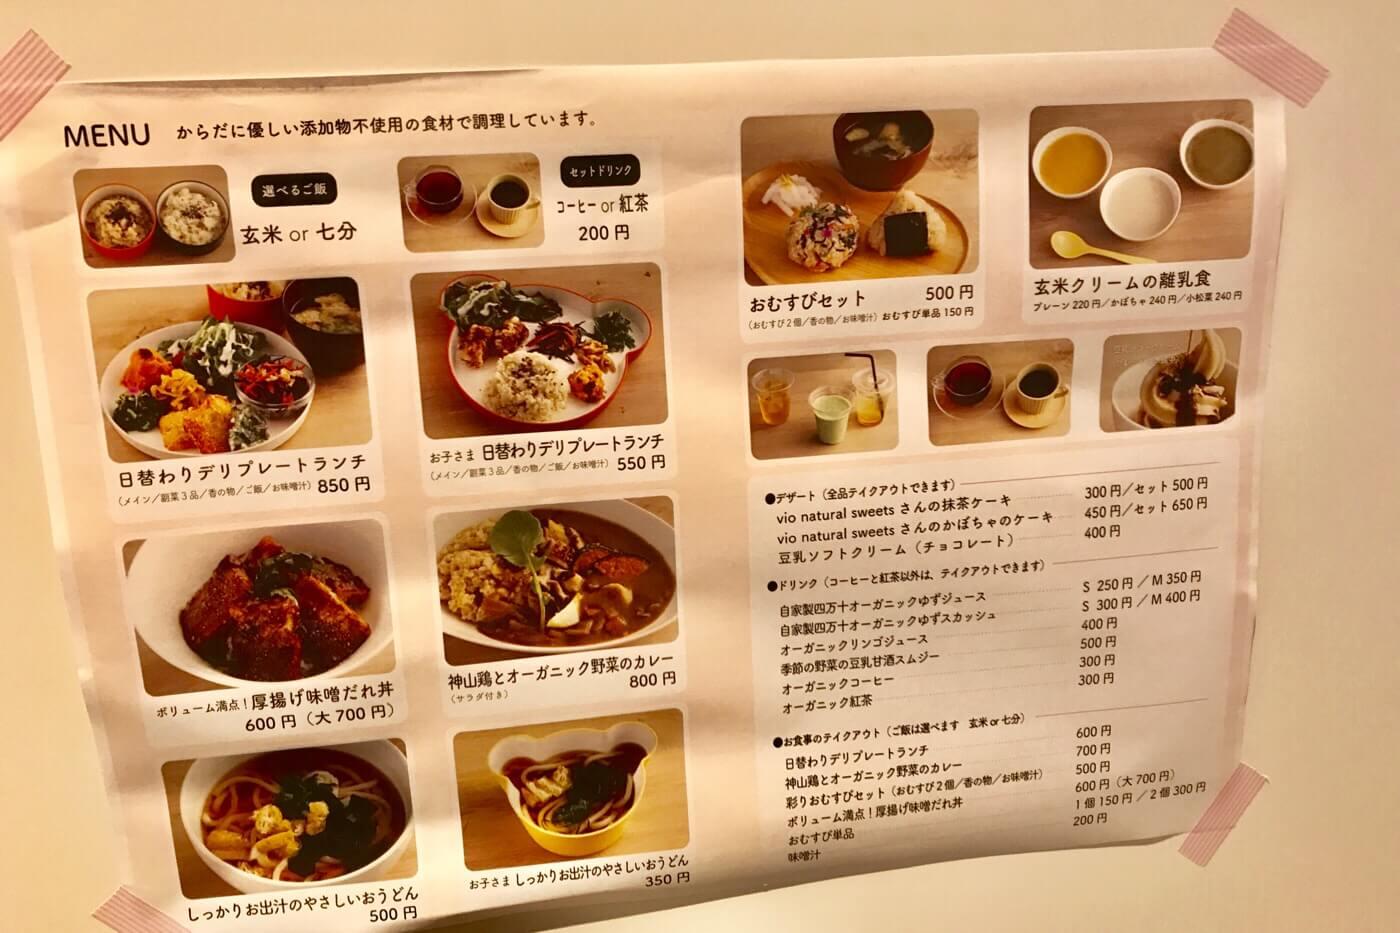 高知蔦屋書店 オーガニックスタイルキッチンのメニュー